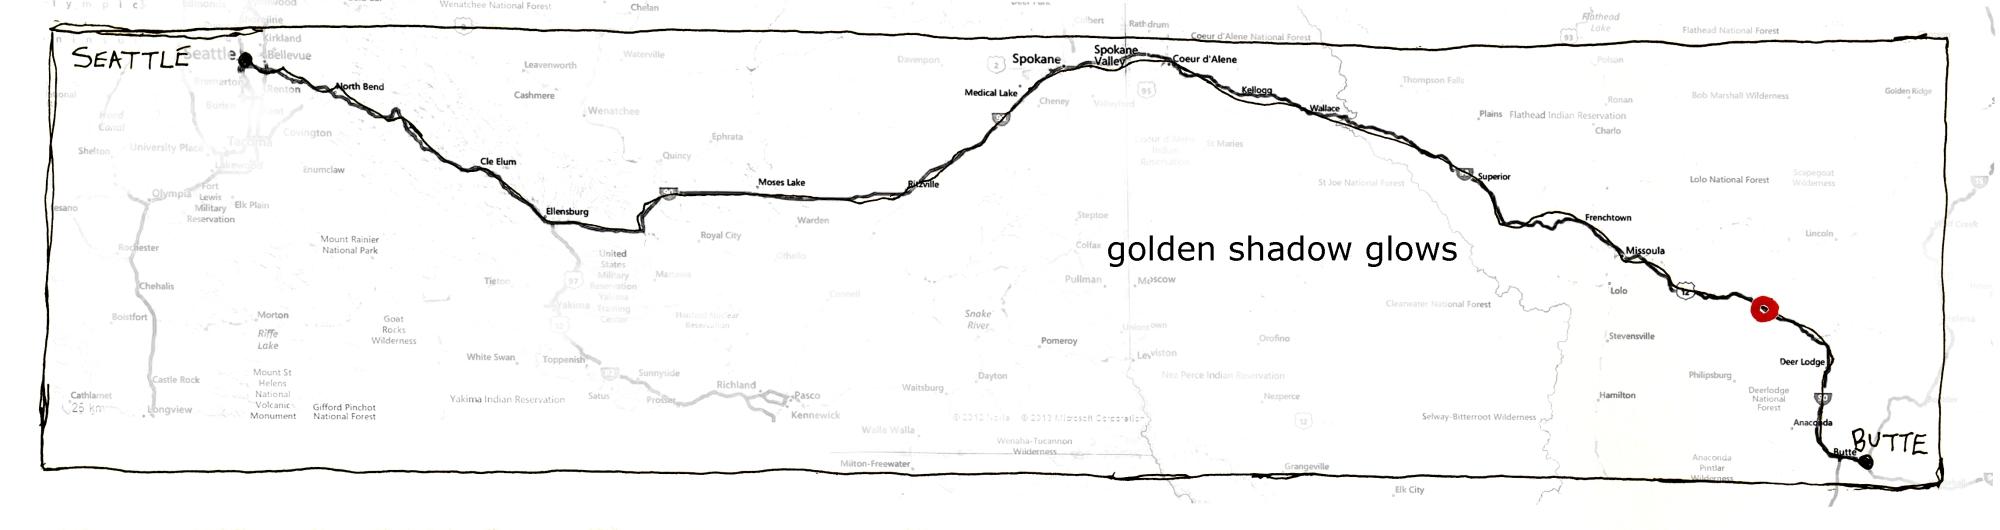 479 map